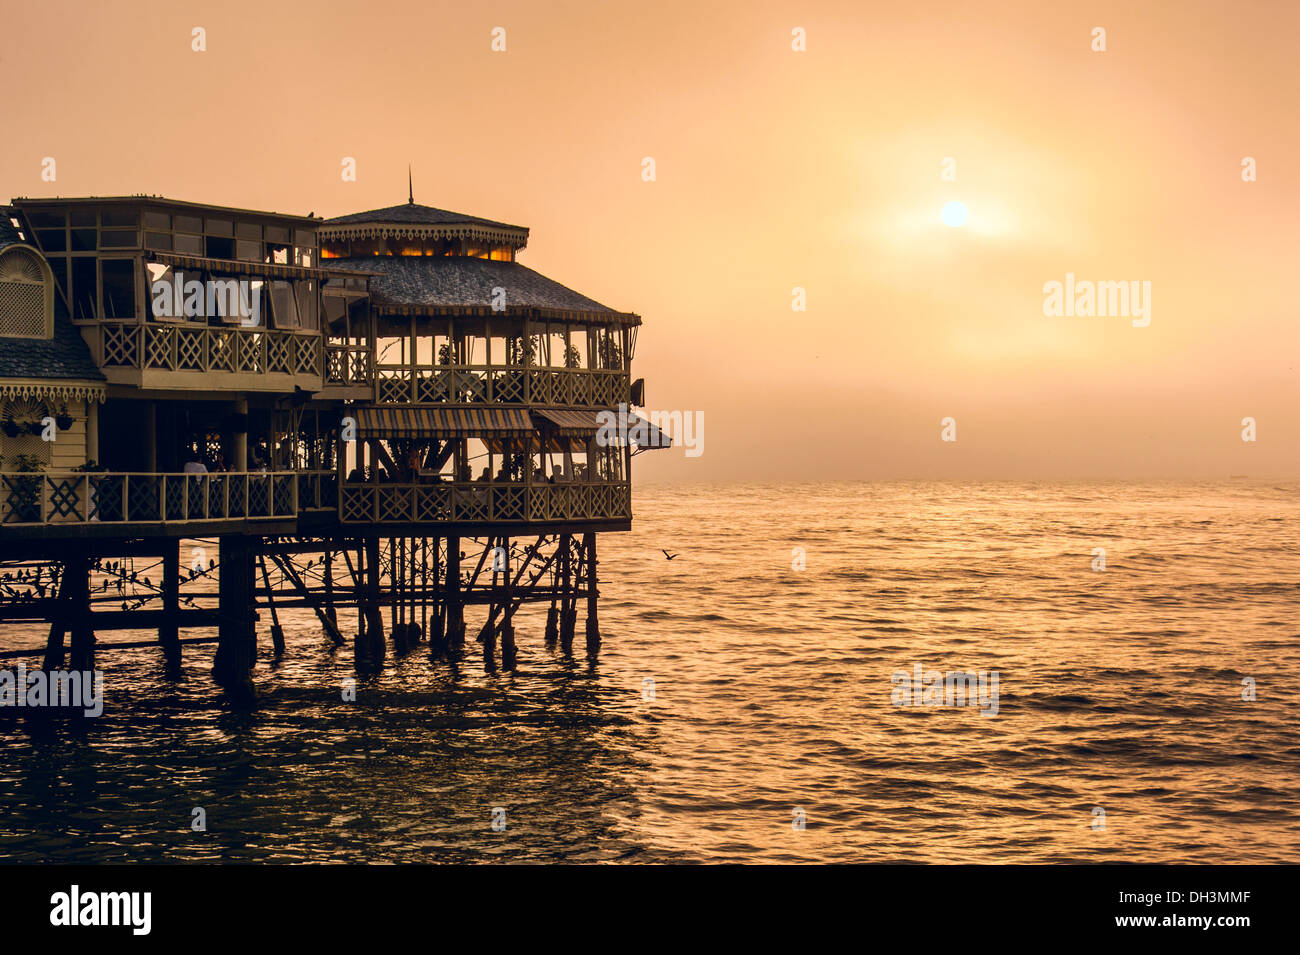 Serata di Lima. Tramonto sull'Oceano Pacifico, Perù, America Latina Immagini Stock